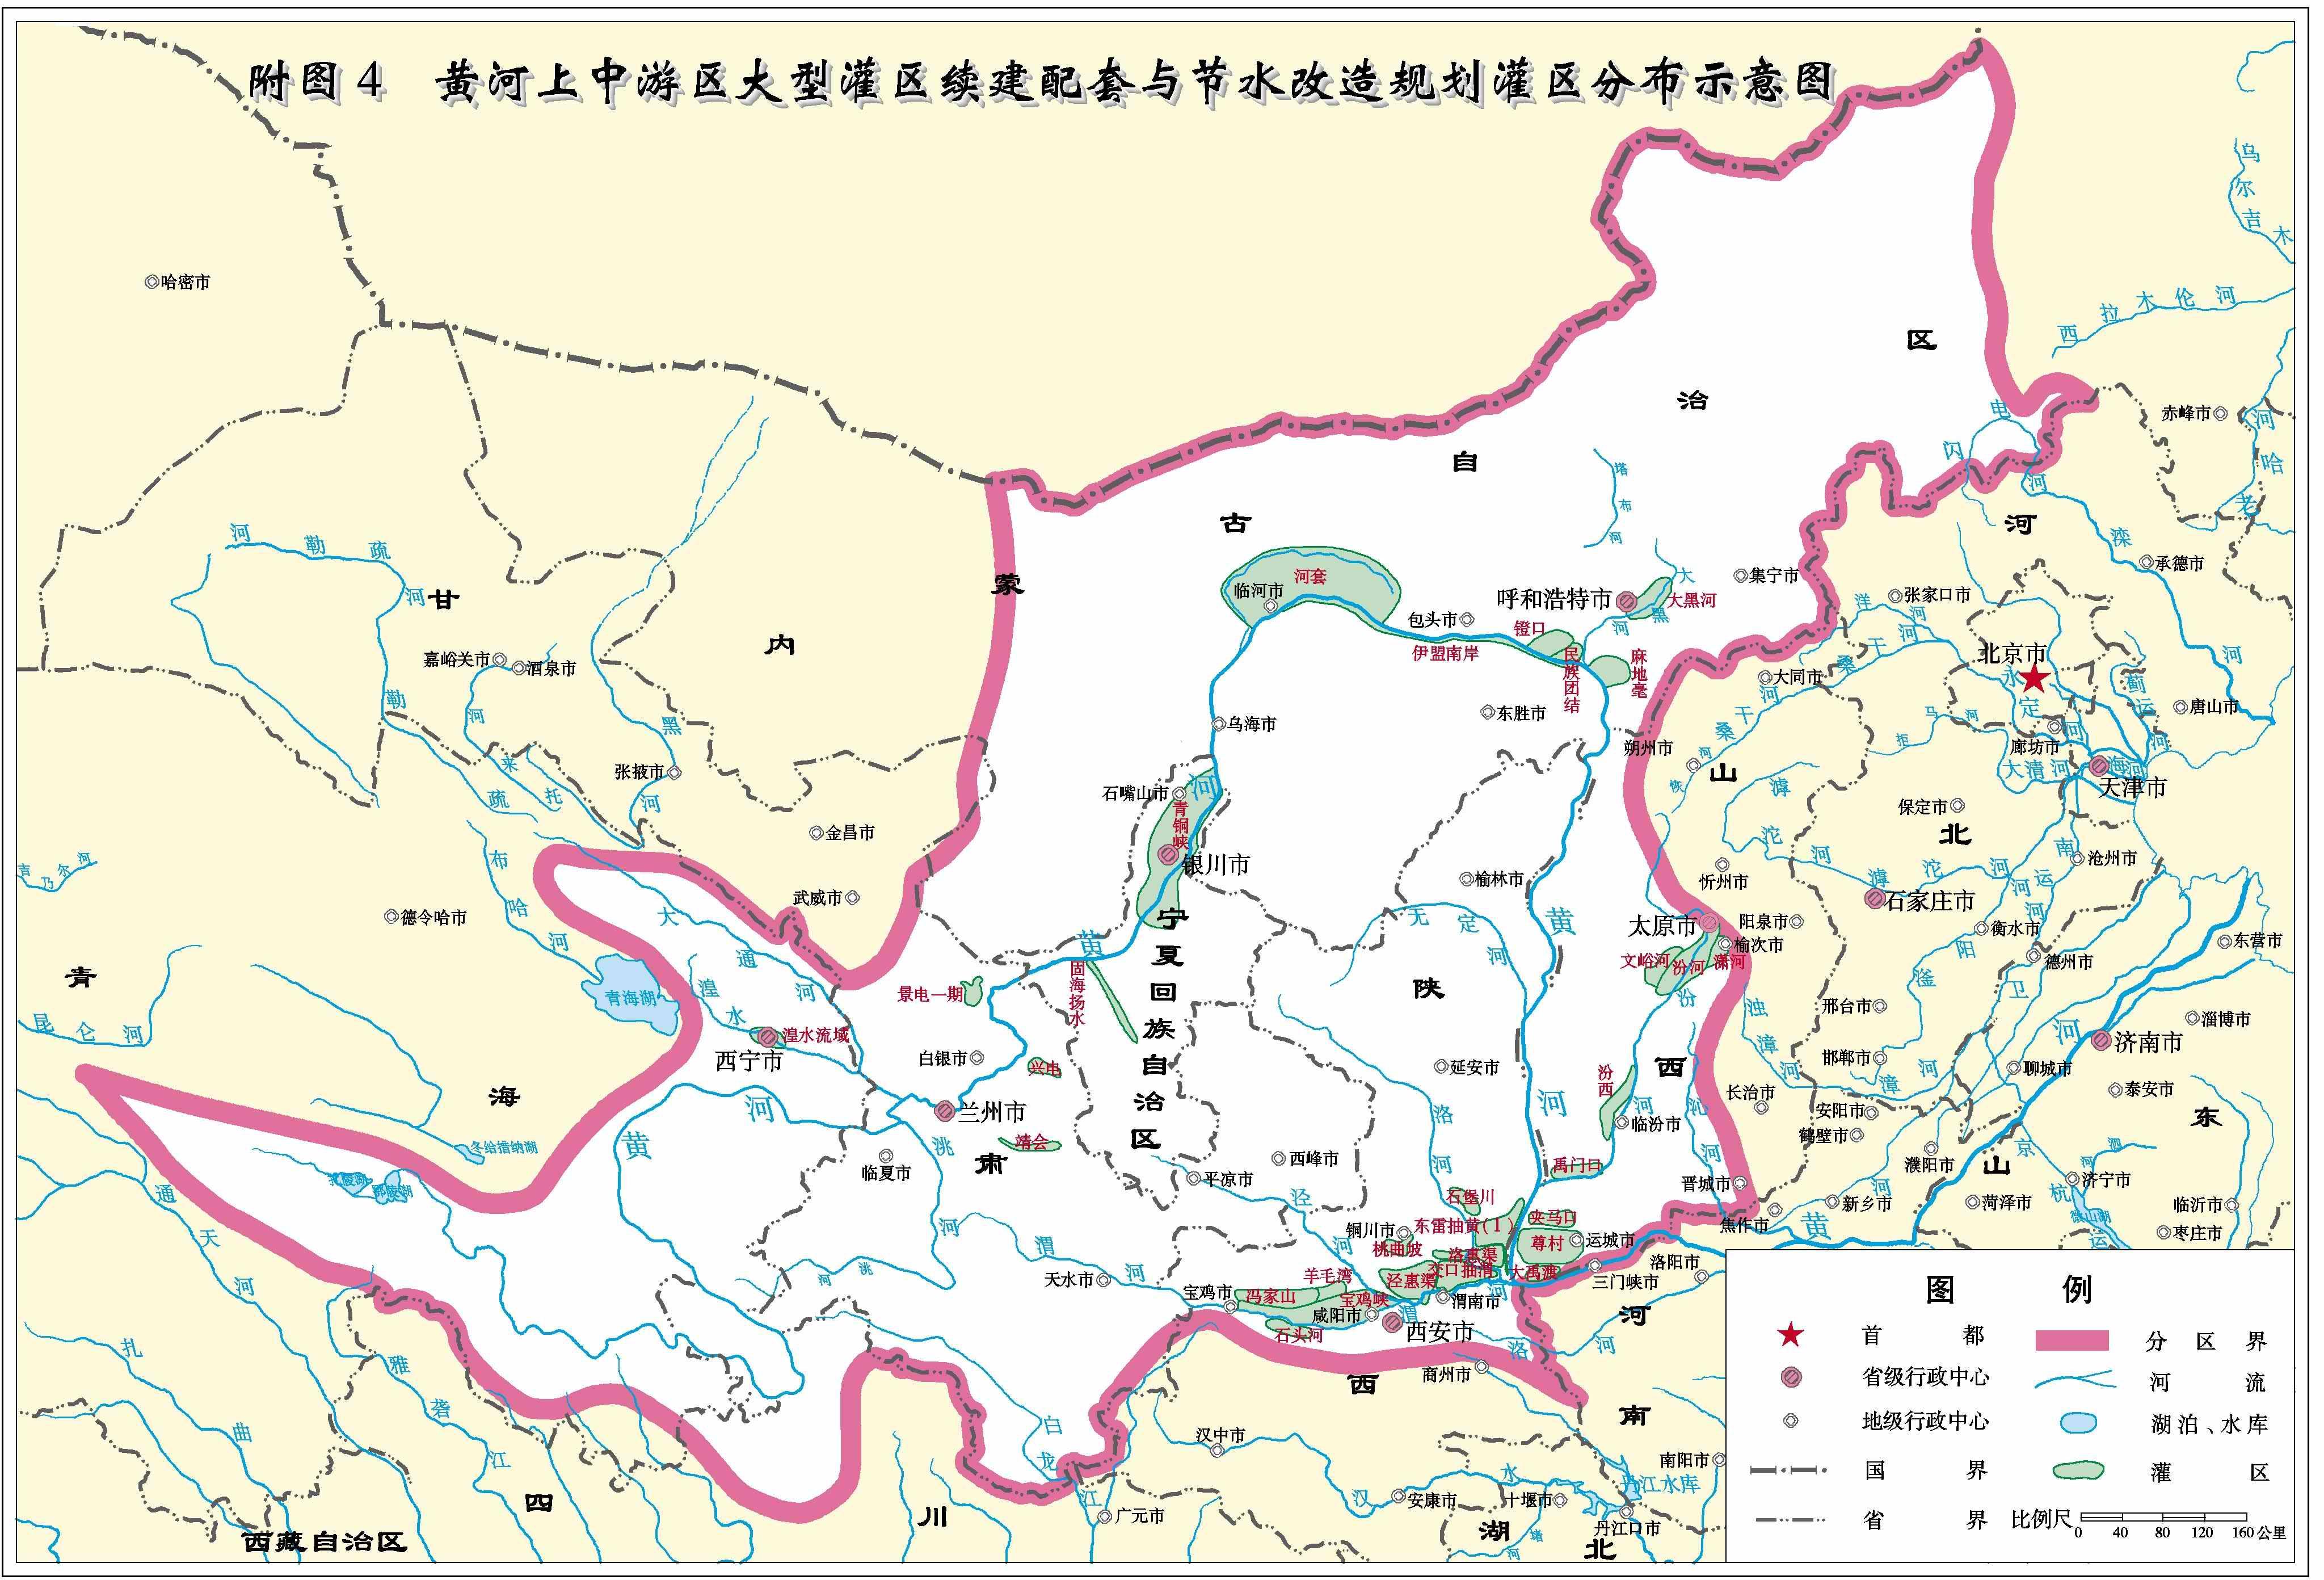 中国节水灌溉网 关于跨分区省份增加填报 全国节水灌溉规划 分区数据